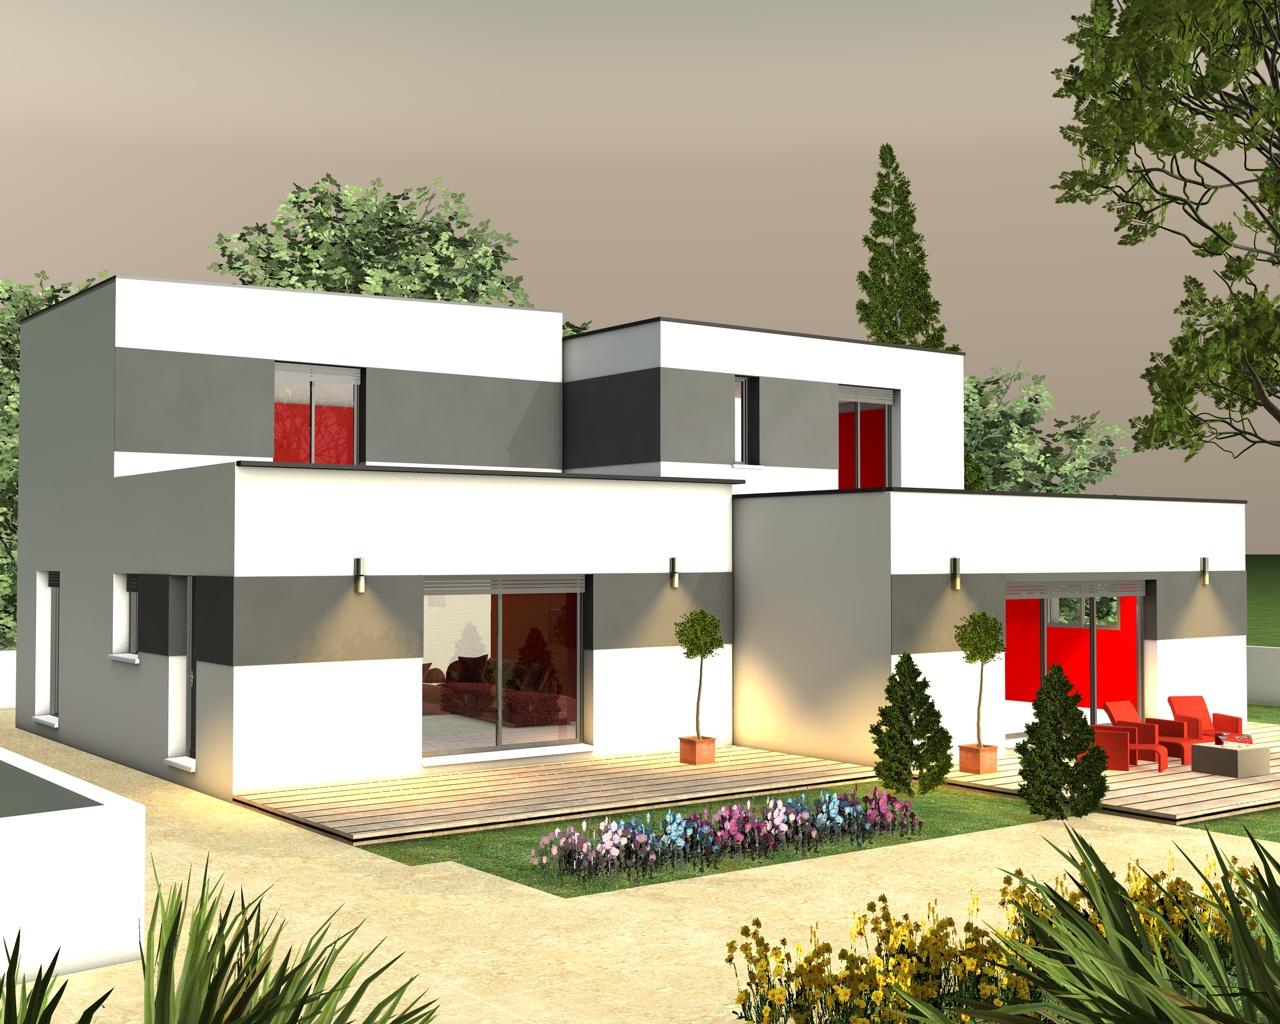 Maison etage toit terrasse for Plan de maison toit terrasse